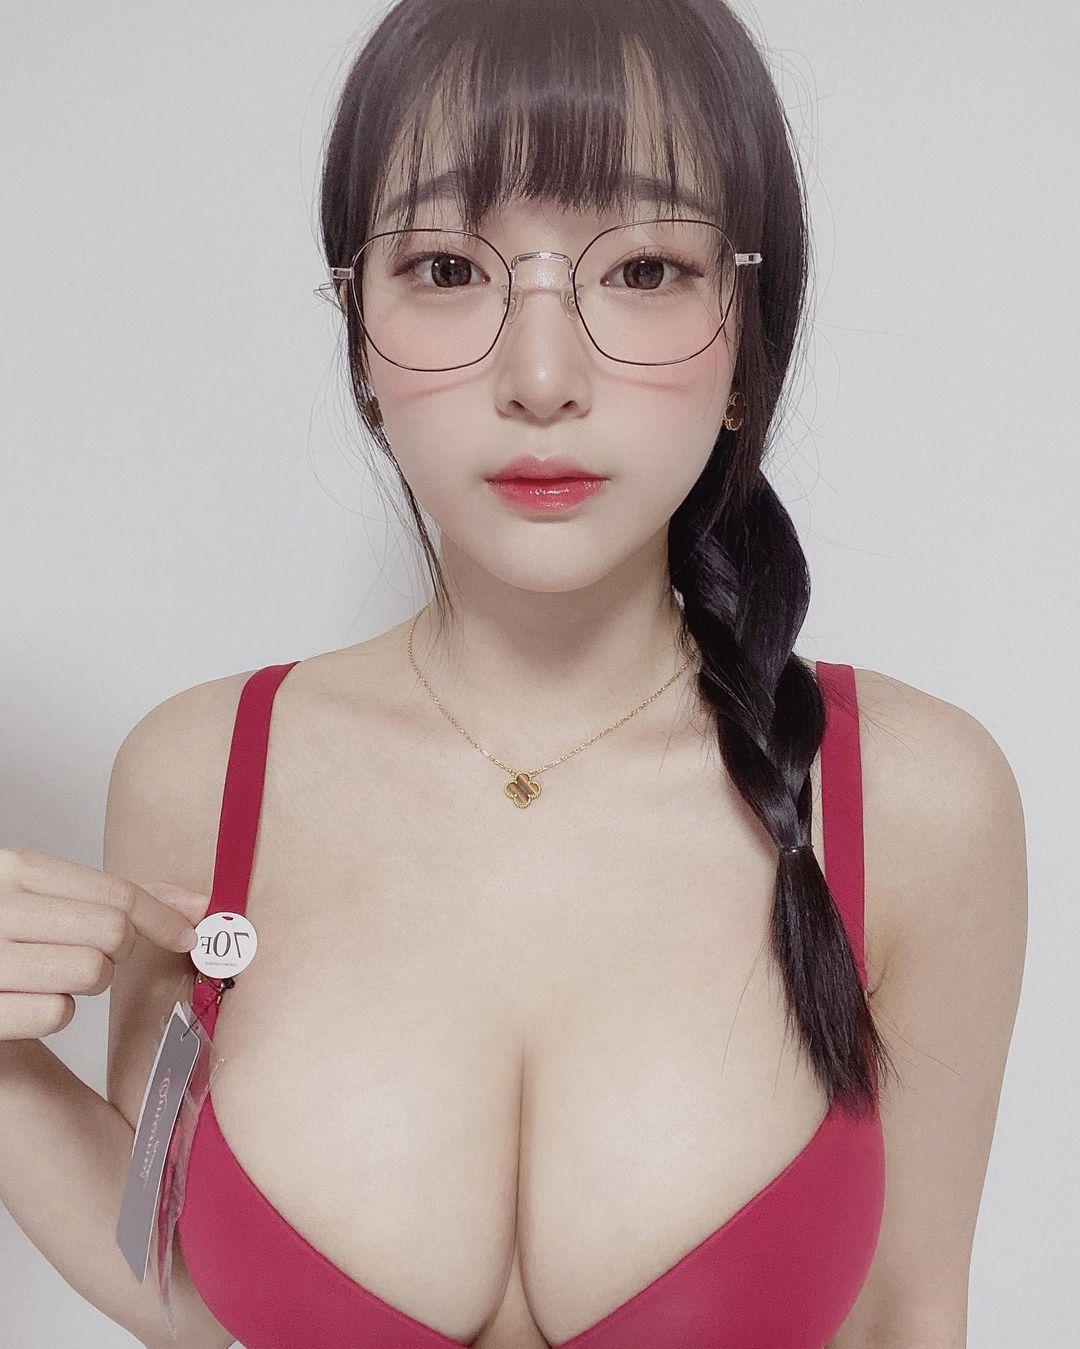 カン・インギョン「メガネ&三編み姿がかわいい」大きなバストに目が…【画像2枚】の画像002